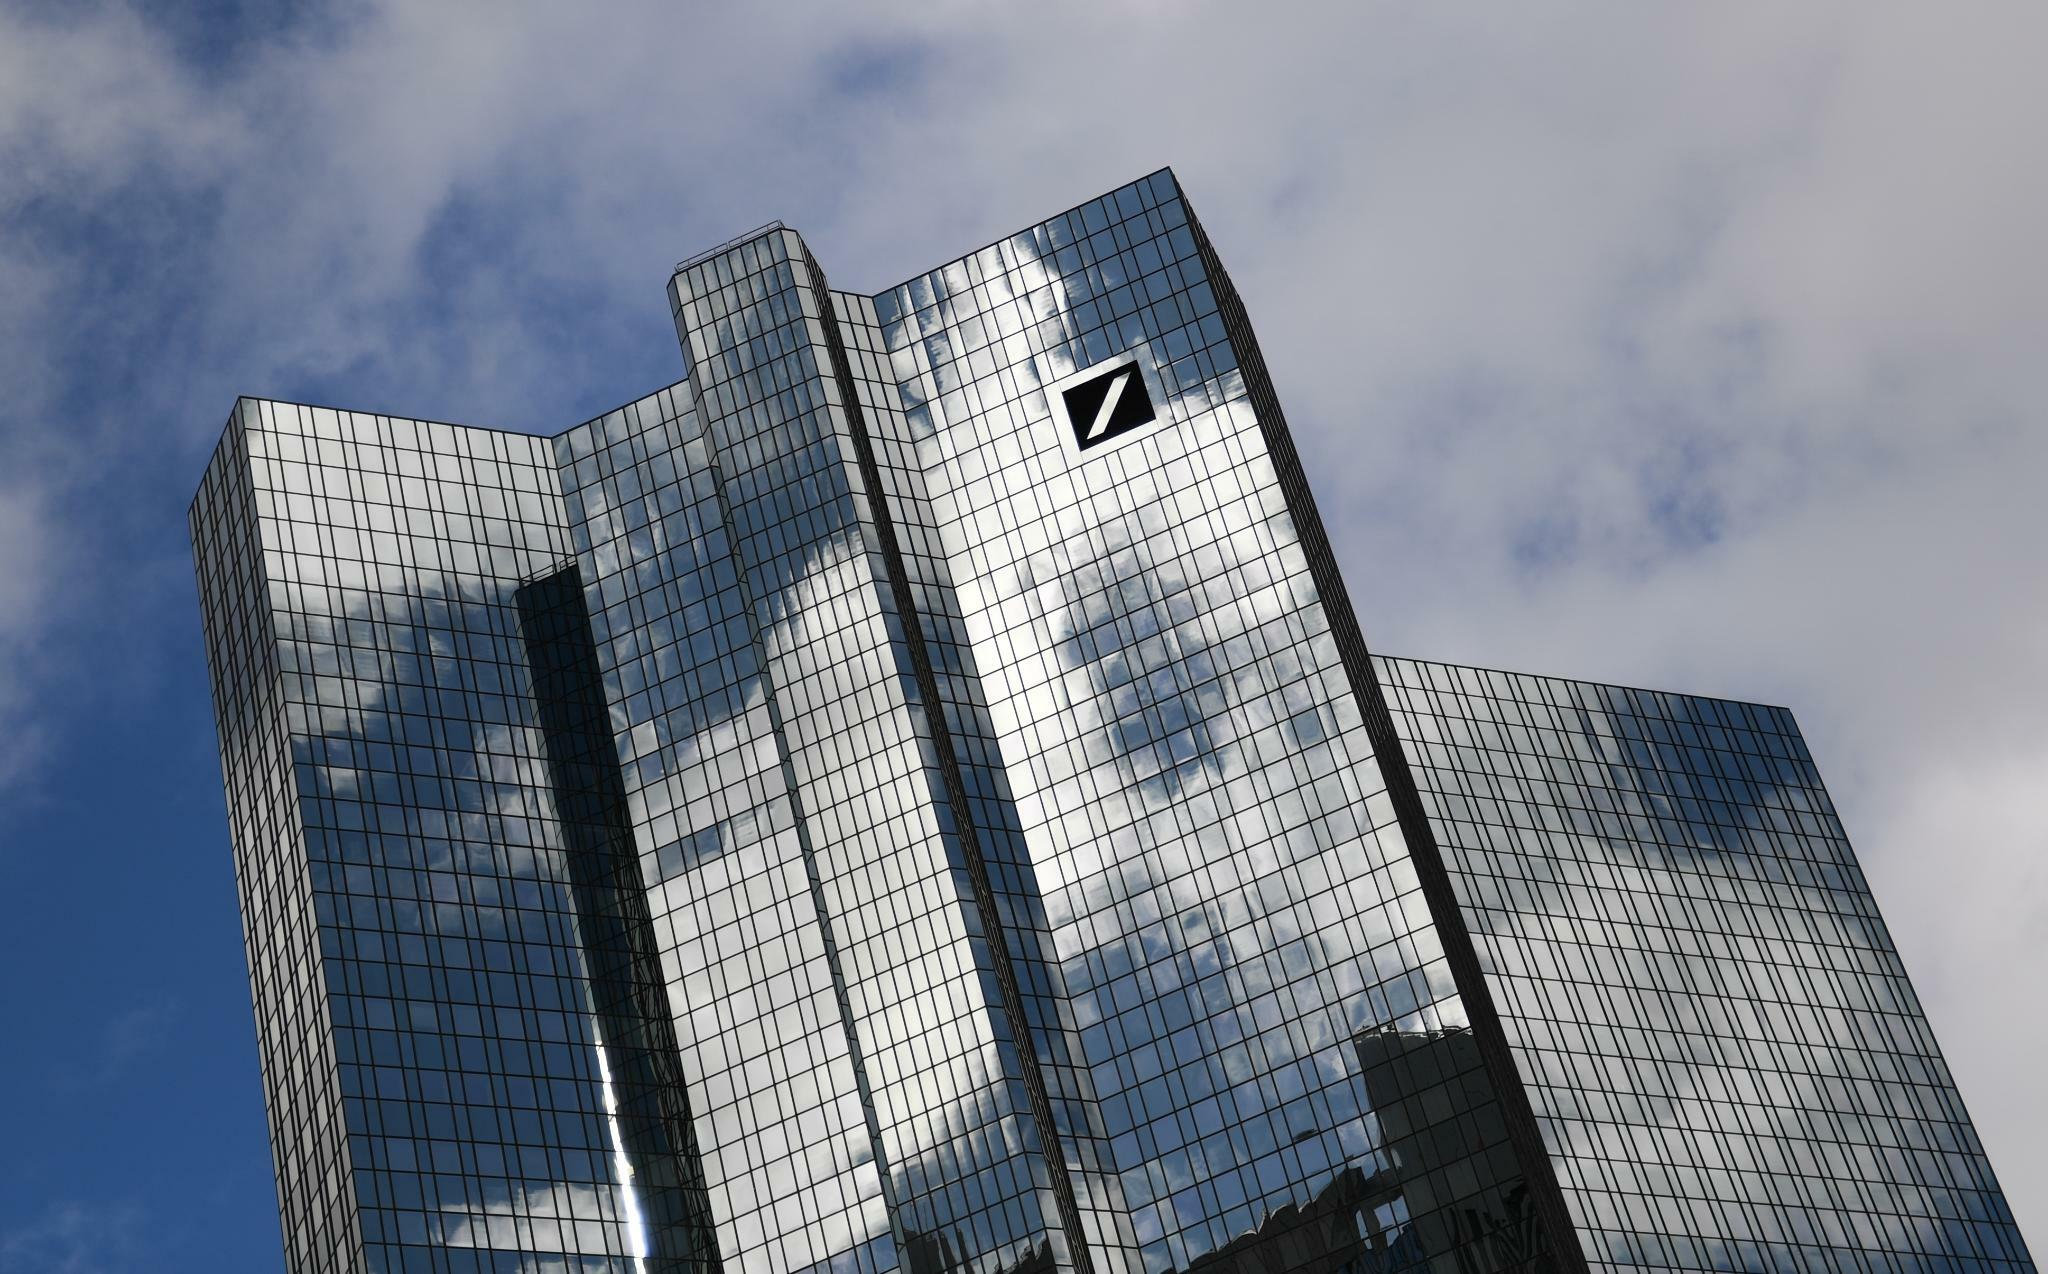 Deutsche Bank zieht sich aus Malta zurück